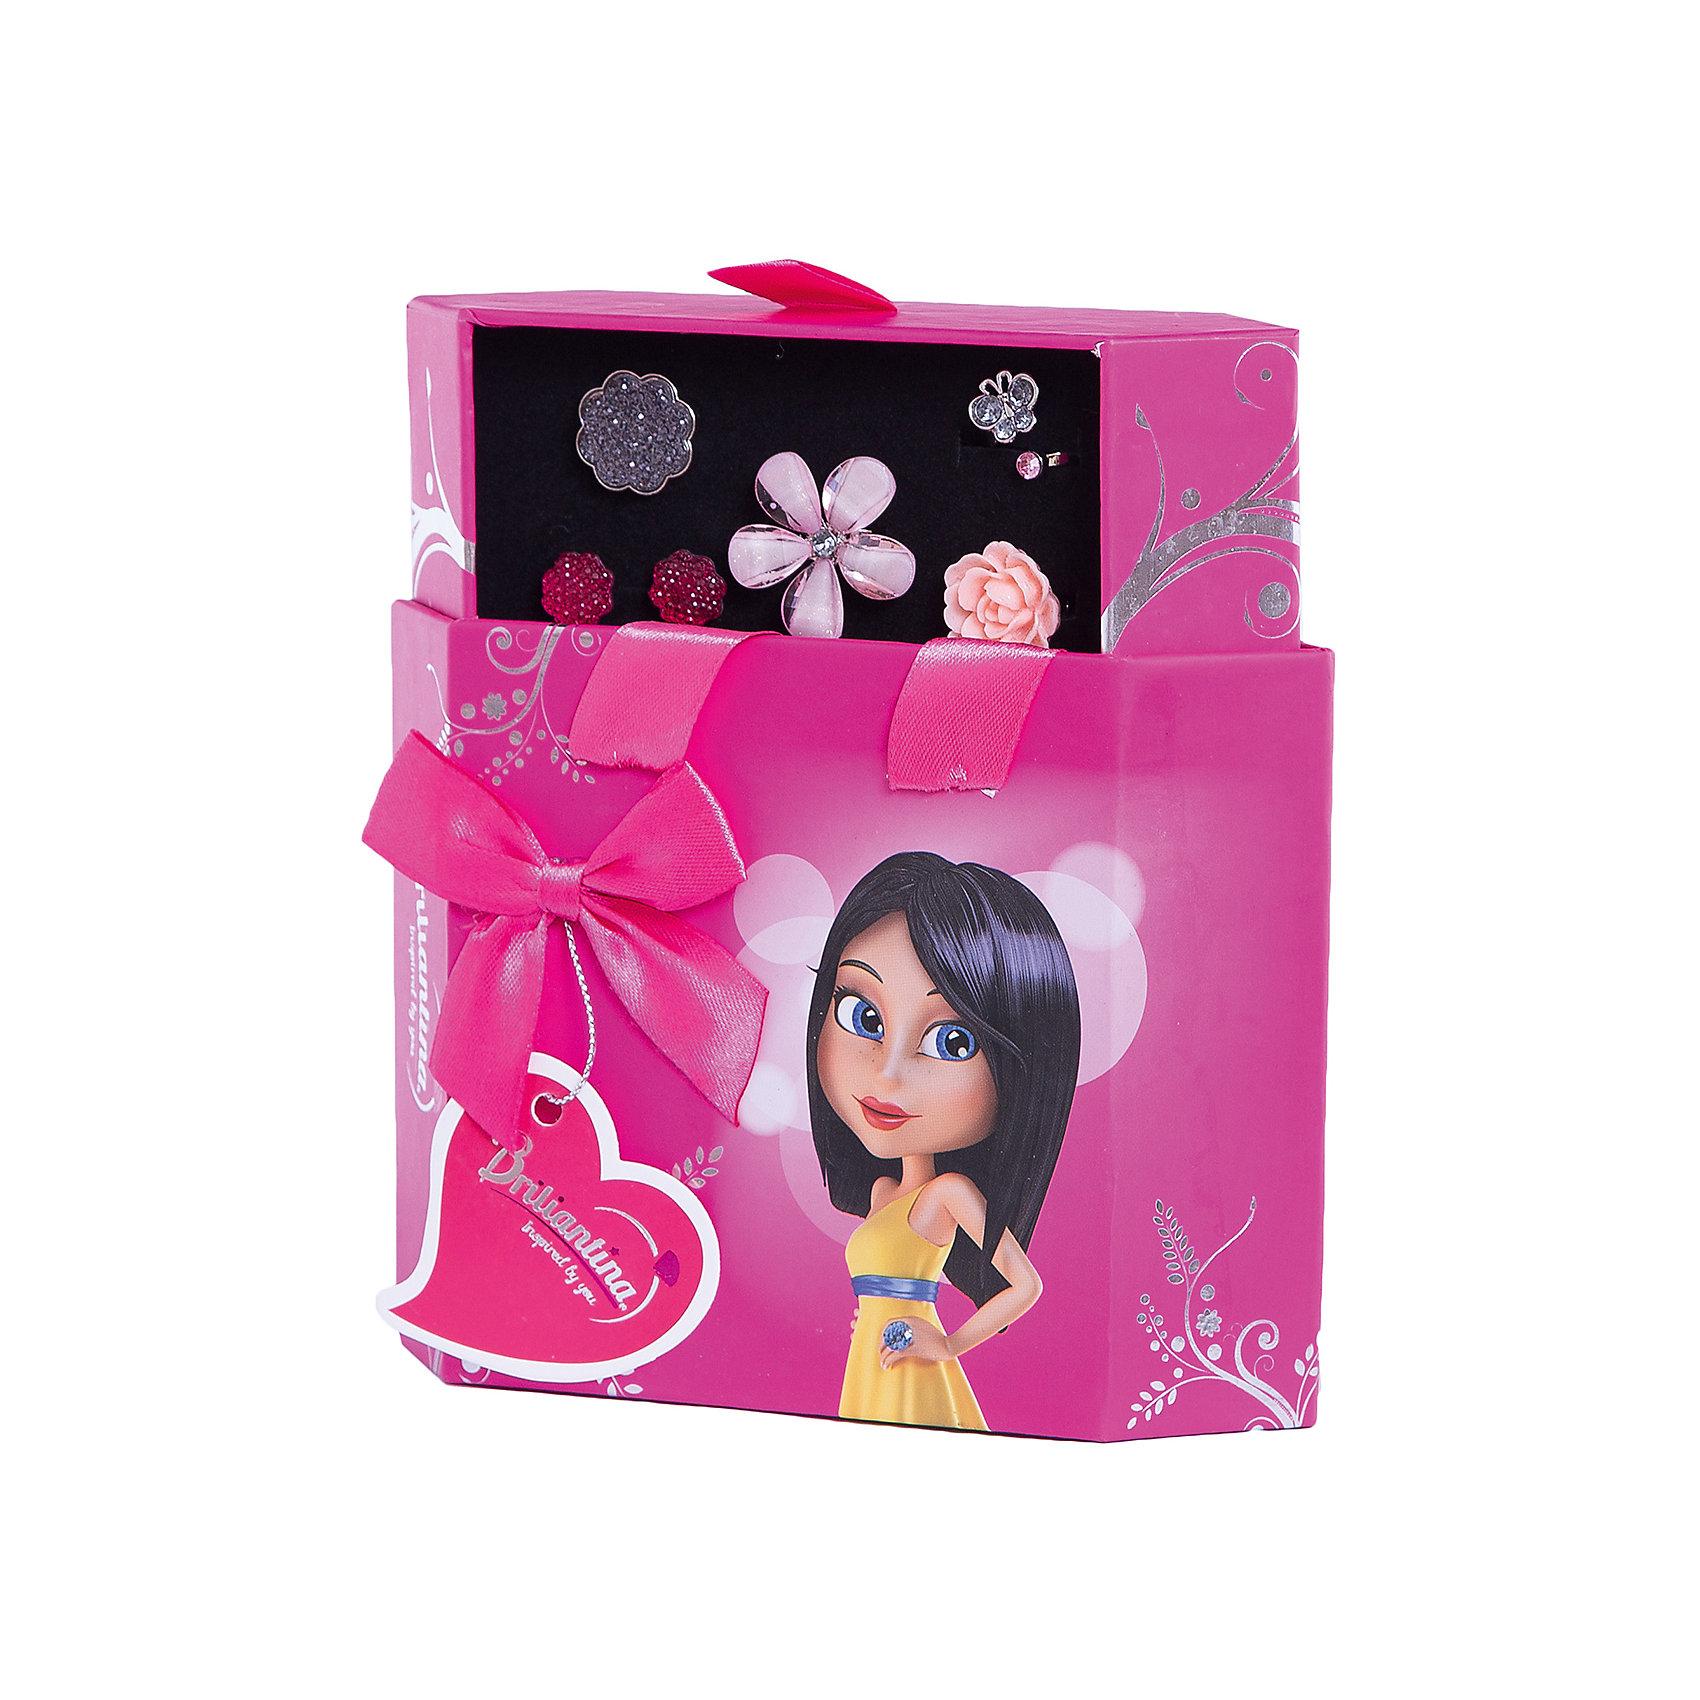 Шкатулка (цвет: розовый), BriliantinaРукоделие<br>Характеристики:<br><br>• Вид игрушек: детская бижутерия<br>• Пол: для девочки<br>• Серия: Hex Box<br>• Материал: металл, пластик<br>• Цвет: серебристый, розовый, красный<br>• Размер кольца: универсальный<br>• Комплектация: 2 кольца серии Uno, 2 кольца серии Excelent, серьги, футляр<br>• Размер упаковки(Д*Ш*В): 15,5*5,5*17 см<br>• Вес: 160 г<br>• Упаковка: футляр <br>• Допускается сухая и влажная чистка<br><br>Шкатулка (цвет: розовый), Briliantina из коллекции детской бижутерии, которая создается в рамках творческого проекта совместно с детьми. Торговый бренд принадлежит чешскому производителю Briliantina. Корпус украшений изготавливается из сплава хрома и никеля, который не вызывает аллергии, не окисляется, обладает легким весом, при этом достаточно прочный. В качестве декоративных элементов используются стразы, кристаллы, которые надежно закреплены в изделии. Диаметр колец от Briliantina регулируется. <br><br>Набор состоит из 4 колец и пары сережек, которые сочетаются между собой. Комплект упакован в футляр, в нем предусмотрены дополнительные отделения для других украшений. Использование детской бижутерии научит правильно подбирать украшения в зависимости от выбранного образа, сочетать их между собой, что будет способствовать формированию индивидуального стиля вашей девочки.<br><br>Шкатулка (цвет: розовый), Briliantina станет идеальным подарком для девочки к любому празднику.<br><br>Шкатулка (цвет: розовый), Briliantina можно купить в нашем интернет-магазине.<br><br>Ширина мм: 155<br>Глубина мм: 55<br>Высота мм: 170<br>Вес г: 160<br>Возраст от месяцев: 36<br>Возраст до месяцев: 84<br>Пол: Женский<br>Возраст: Детский<br>SKU: 5418929